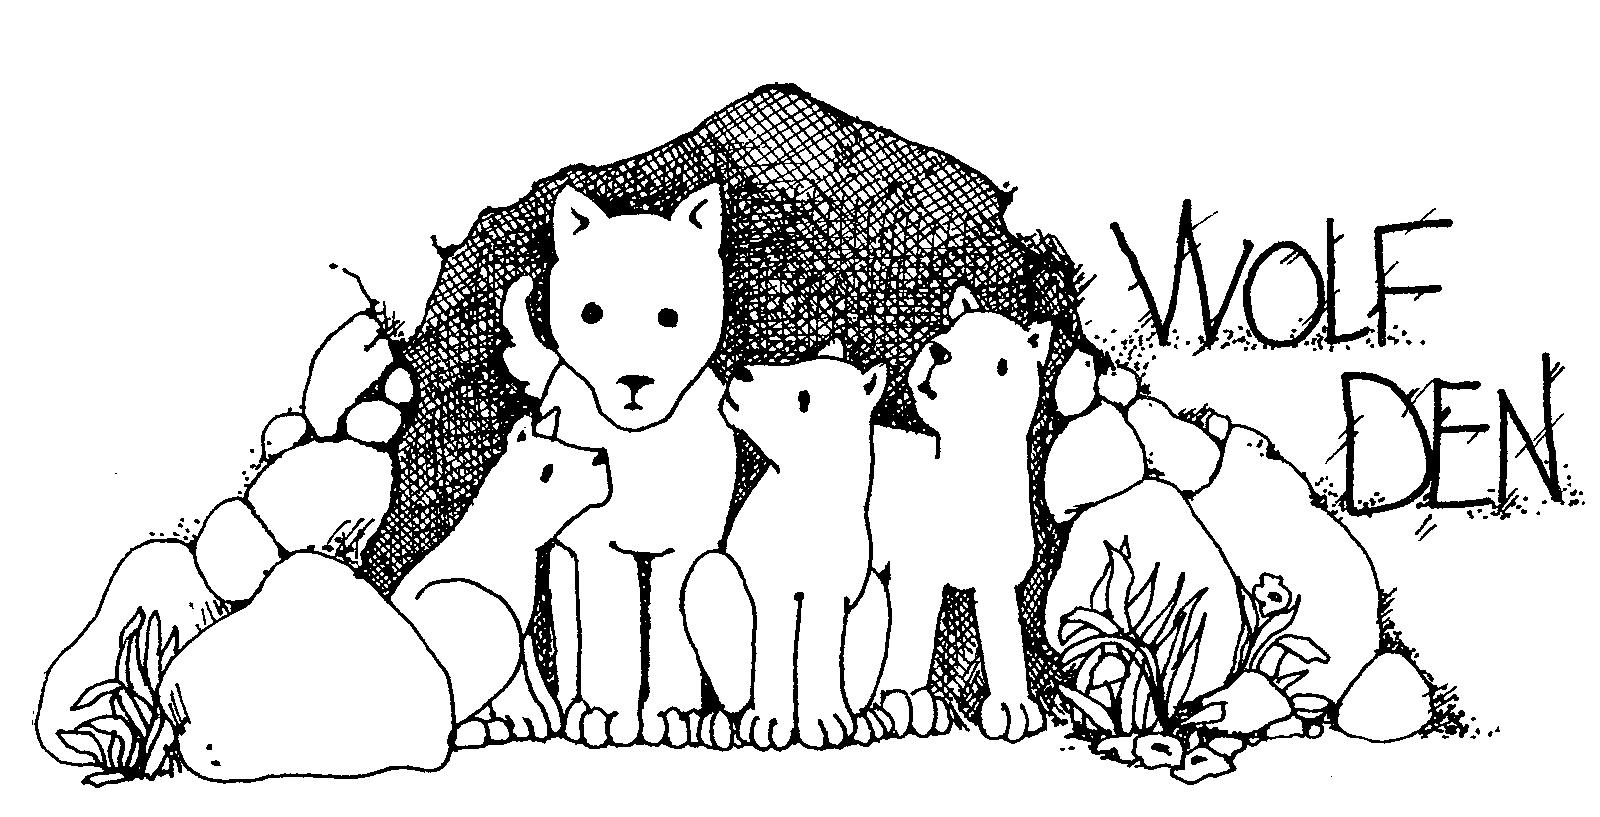 Wolf clipart drawn Den 1600x817 Resolution Wolf